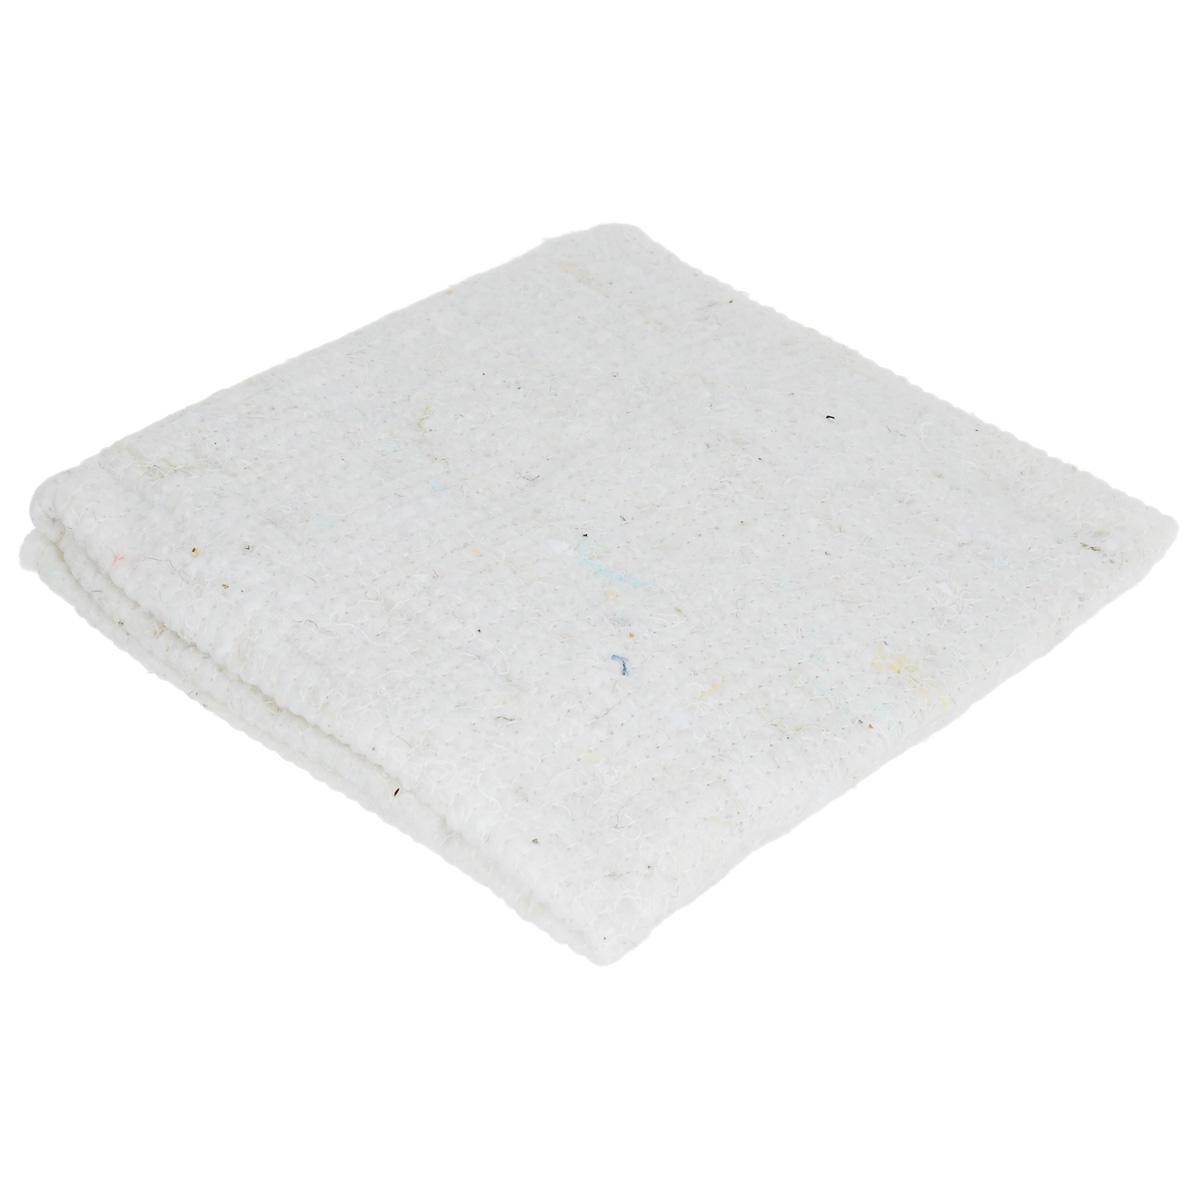 Тряпка для пола Home Queen, 50 х 60 см51716Тряпка для пола Home Queen выполнена из хлопка и полиэстера и предназначена для мытья напольных покрытий из любых материалов. Эффективно очищает любую поверхность, отлично отжимается и имеет долгий срок службы. Тряпка хорошо впитывает влагу и не оставляет разводов.Размер тряпки: 50 см х 60 см. Материал: 80% хлопок, 20% полиэстер.